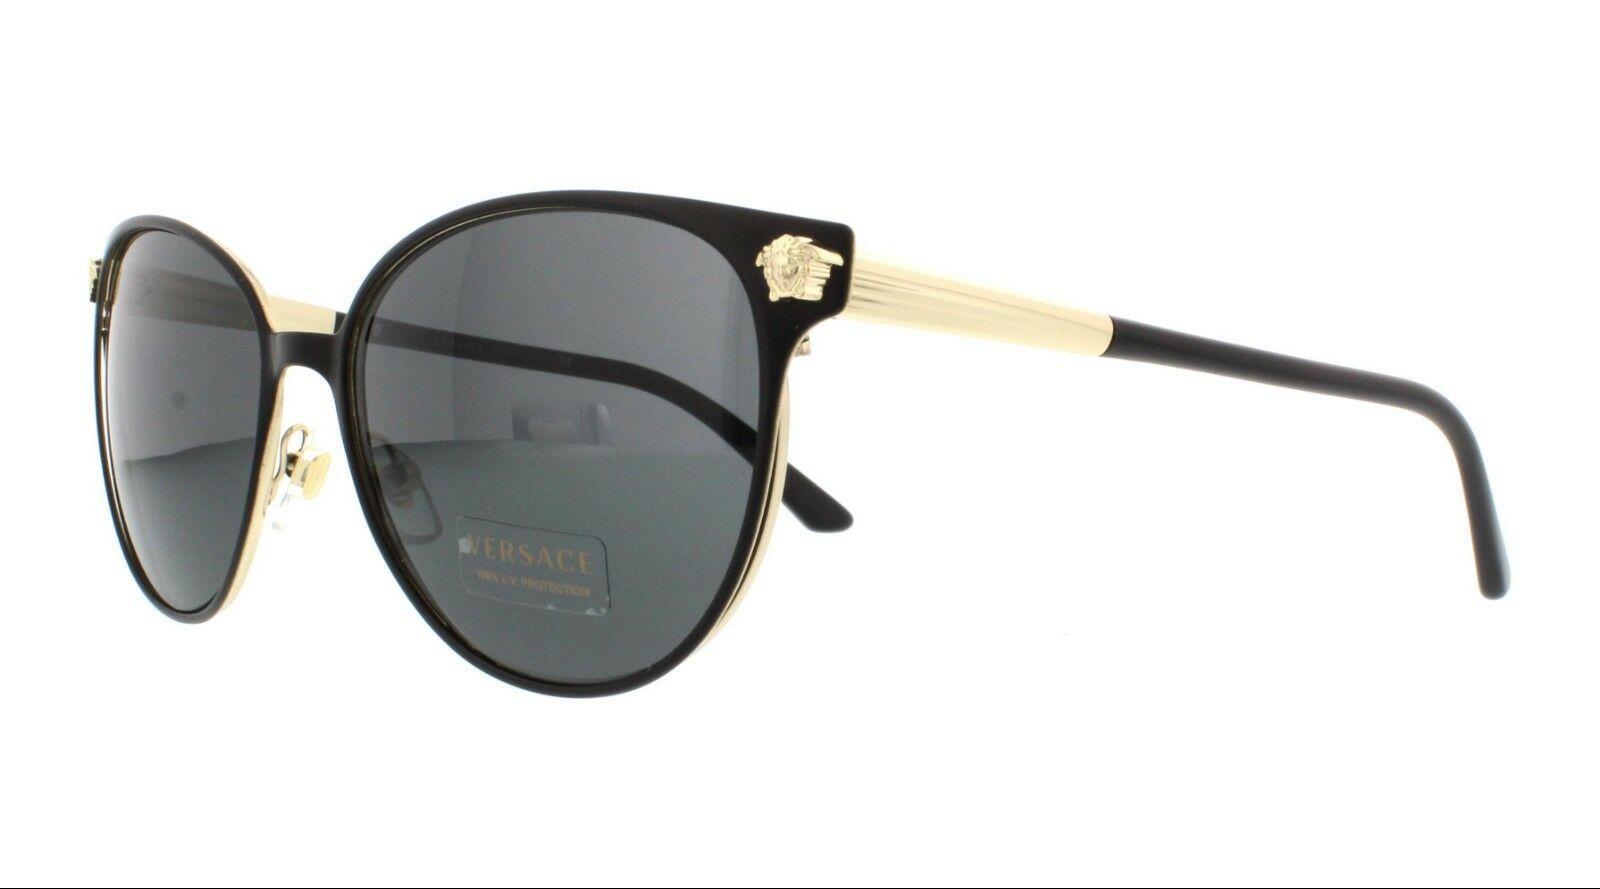 f351f017d2 Versace Women s Sunglasses VE2168 137787 Matte Black Grey Gradient Lens -   140.65